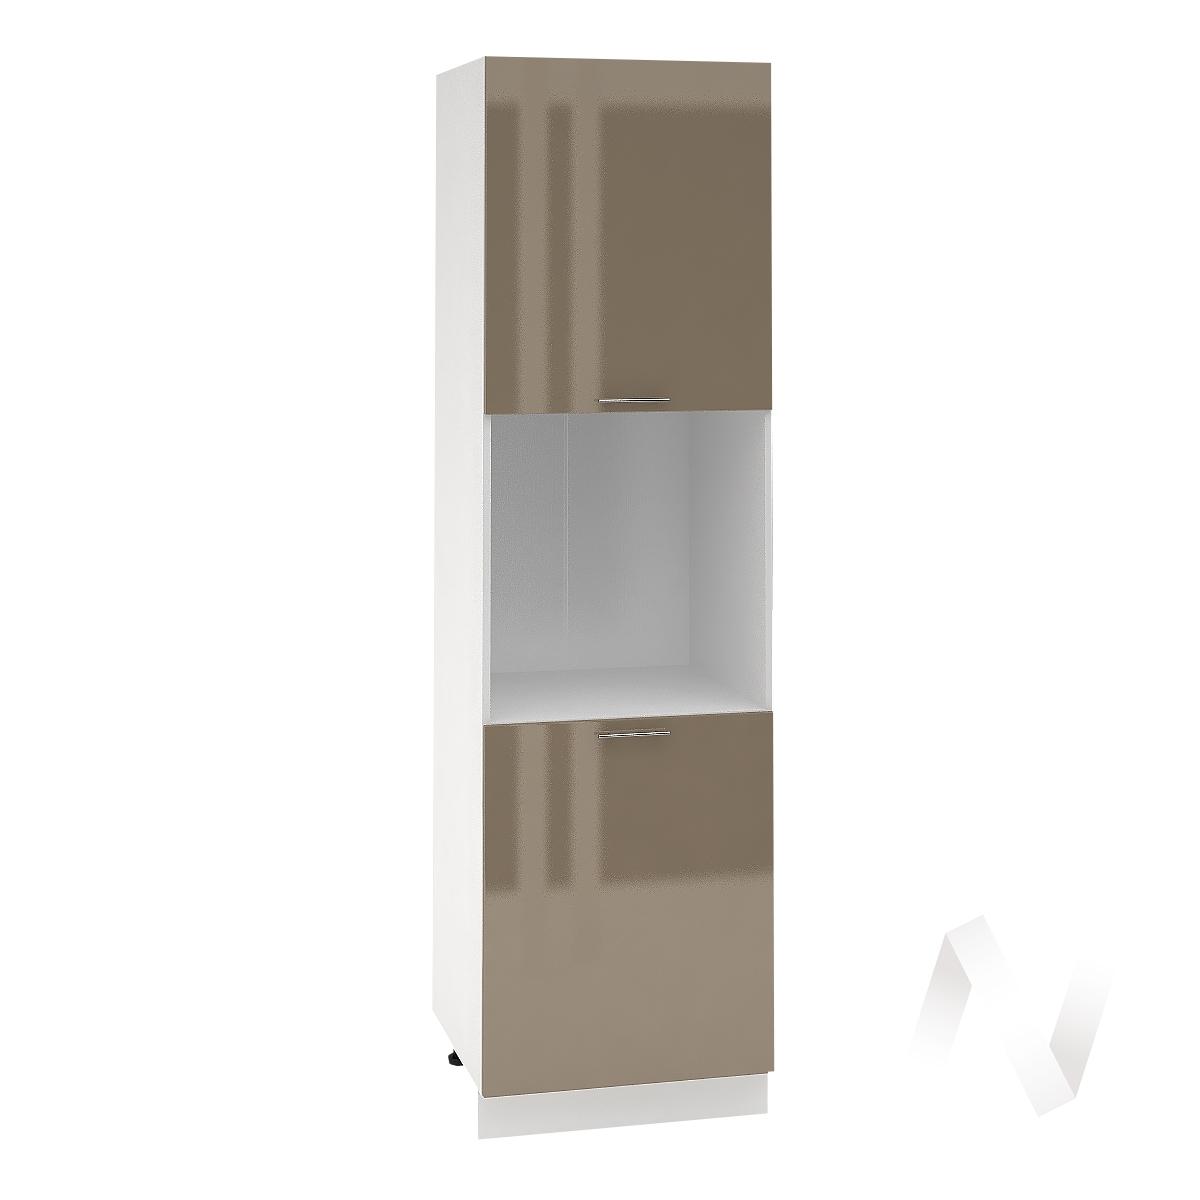 """Кухня """"Валерия-М"""": Шкаф пенал 600, ШП 600 (Капучино глянец/корпус белый)"""